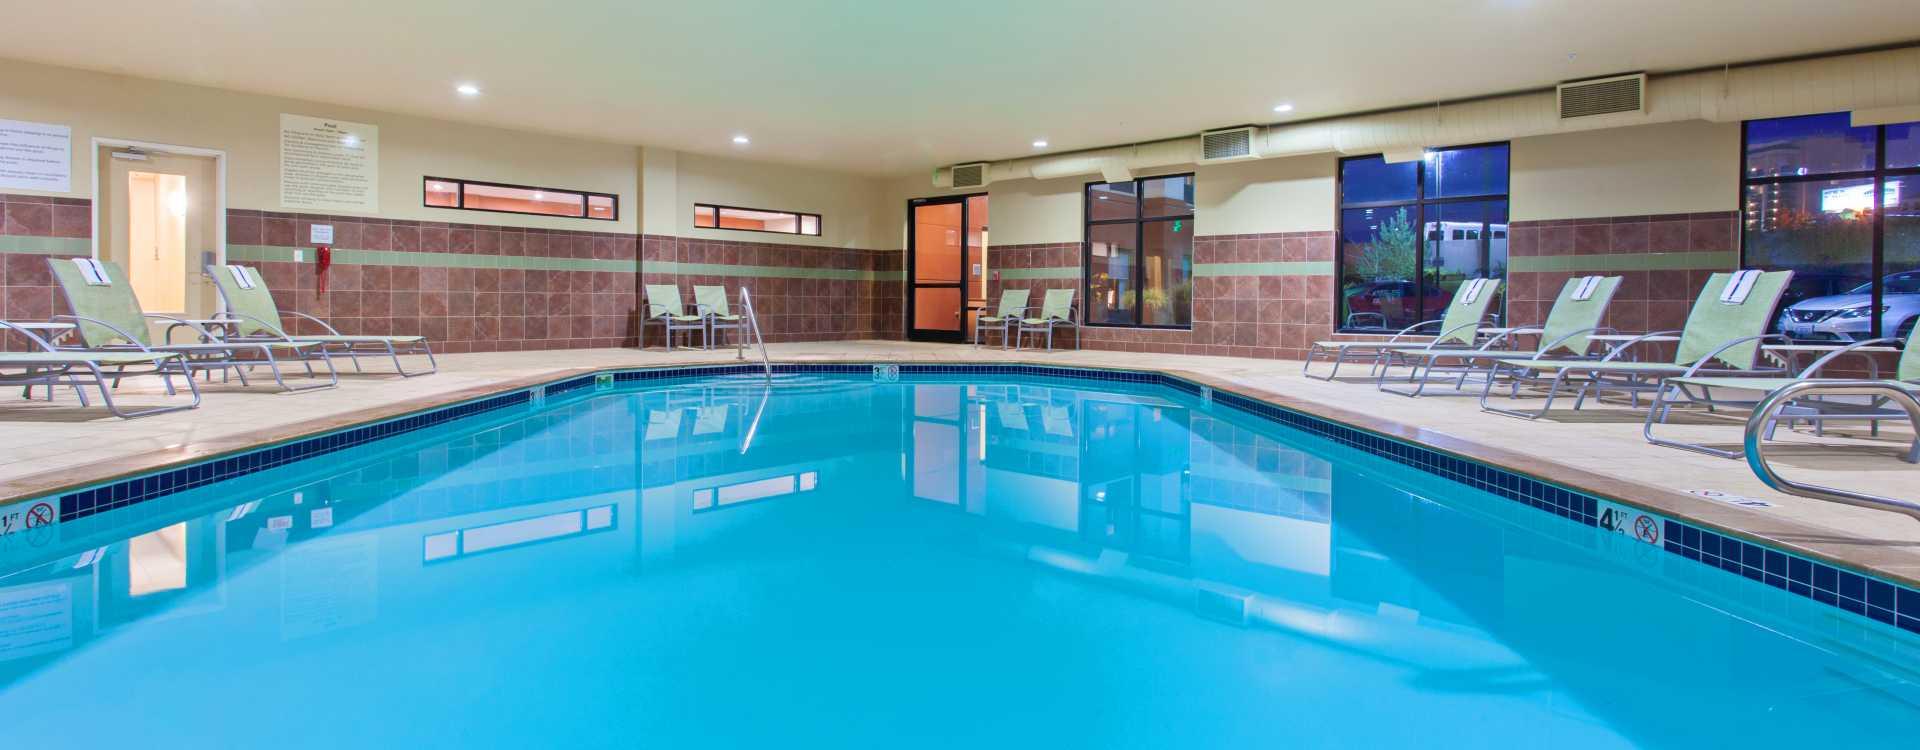 Pool at Hampton Inn & Suites Seattle Airport